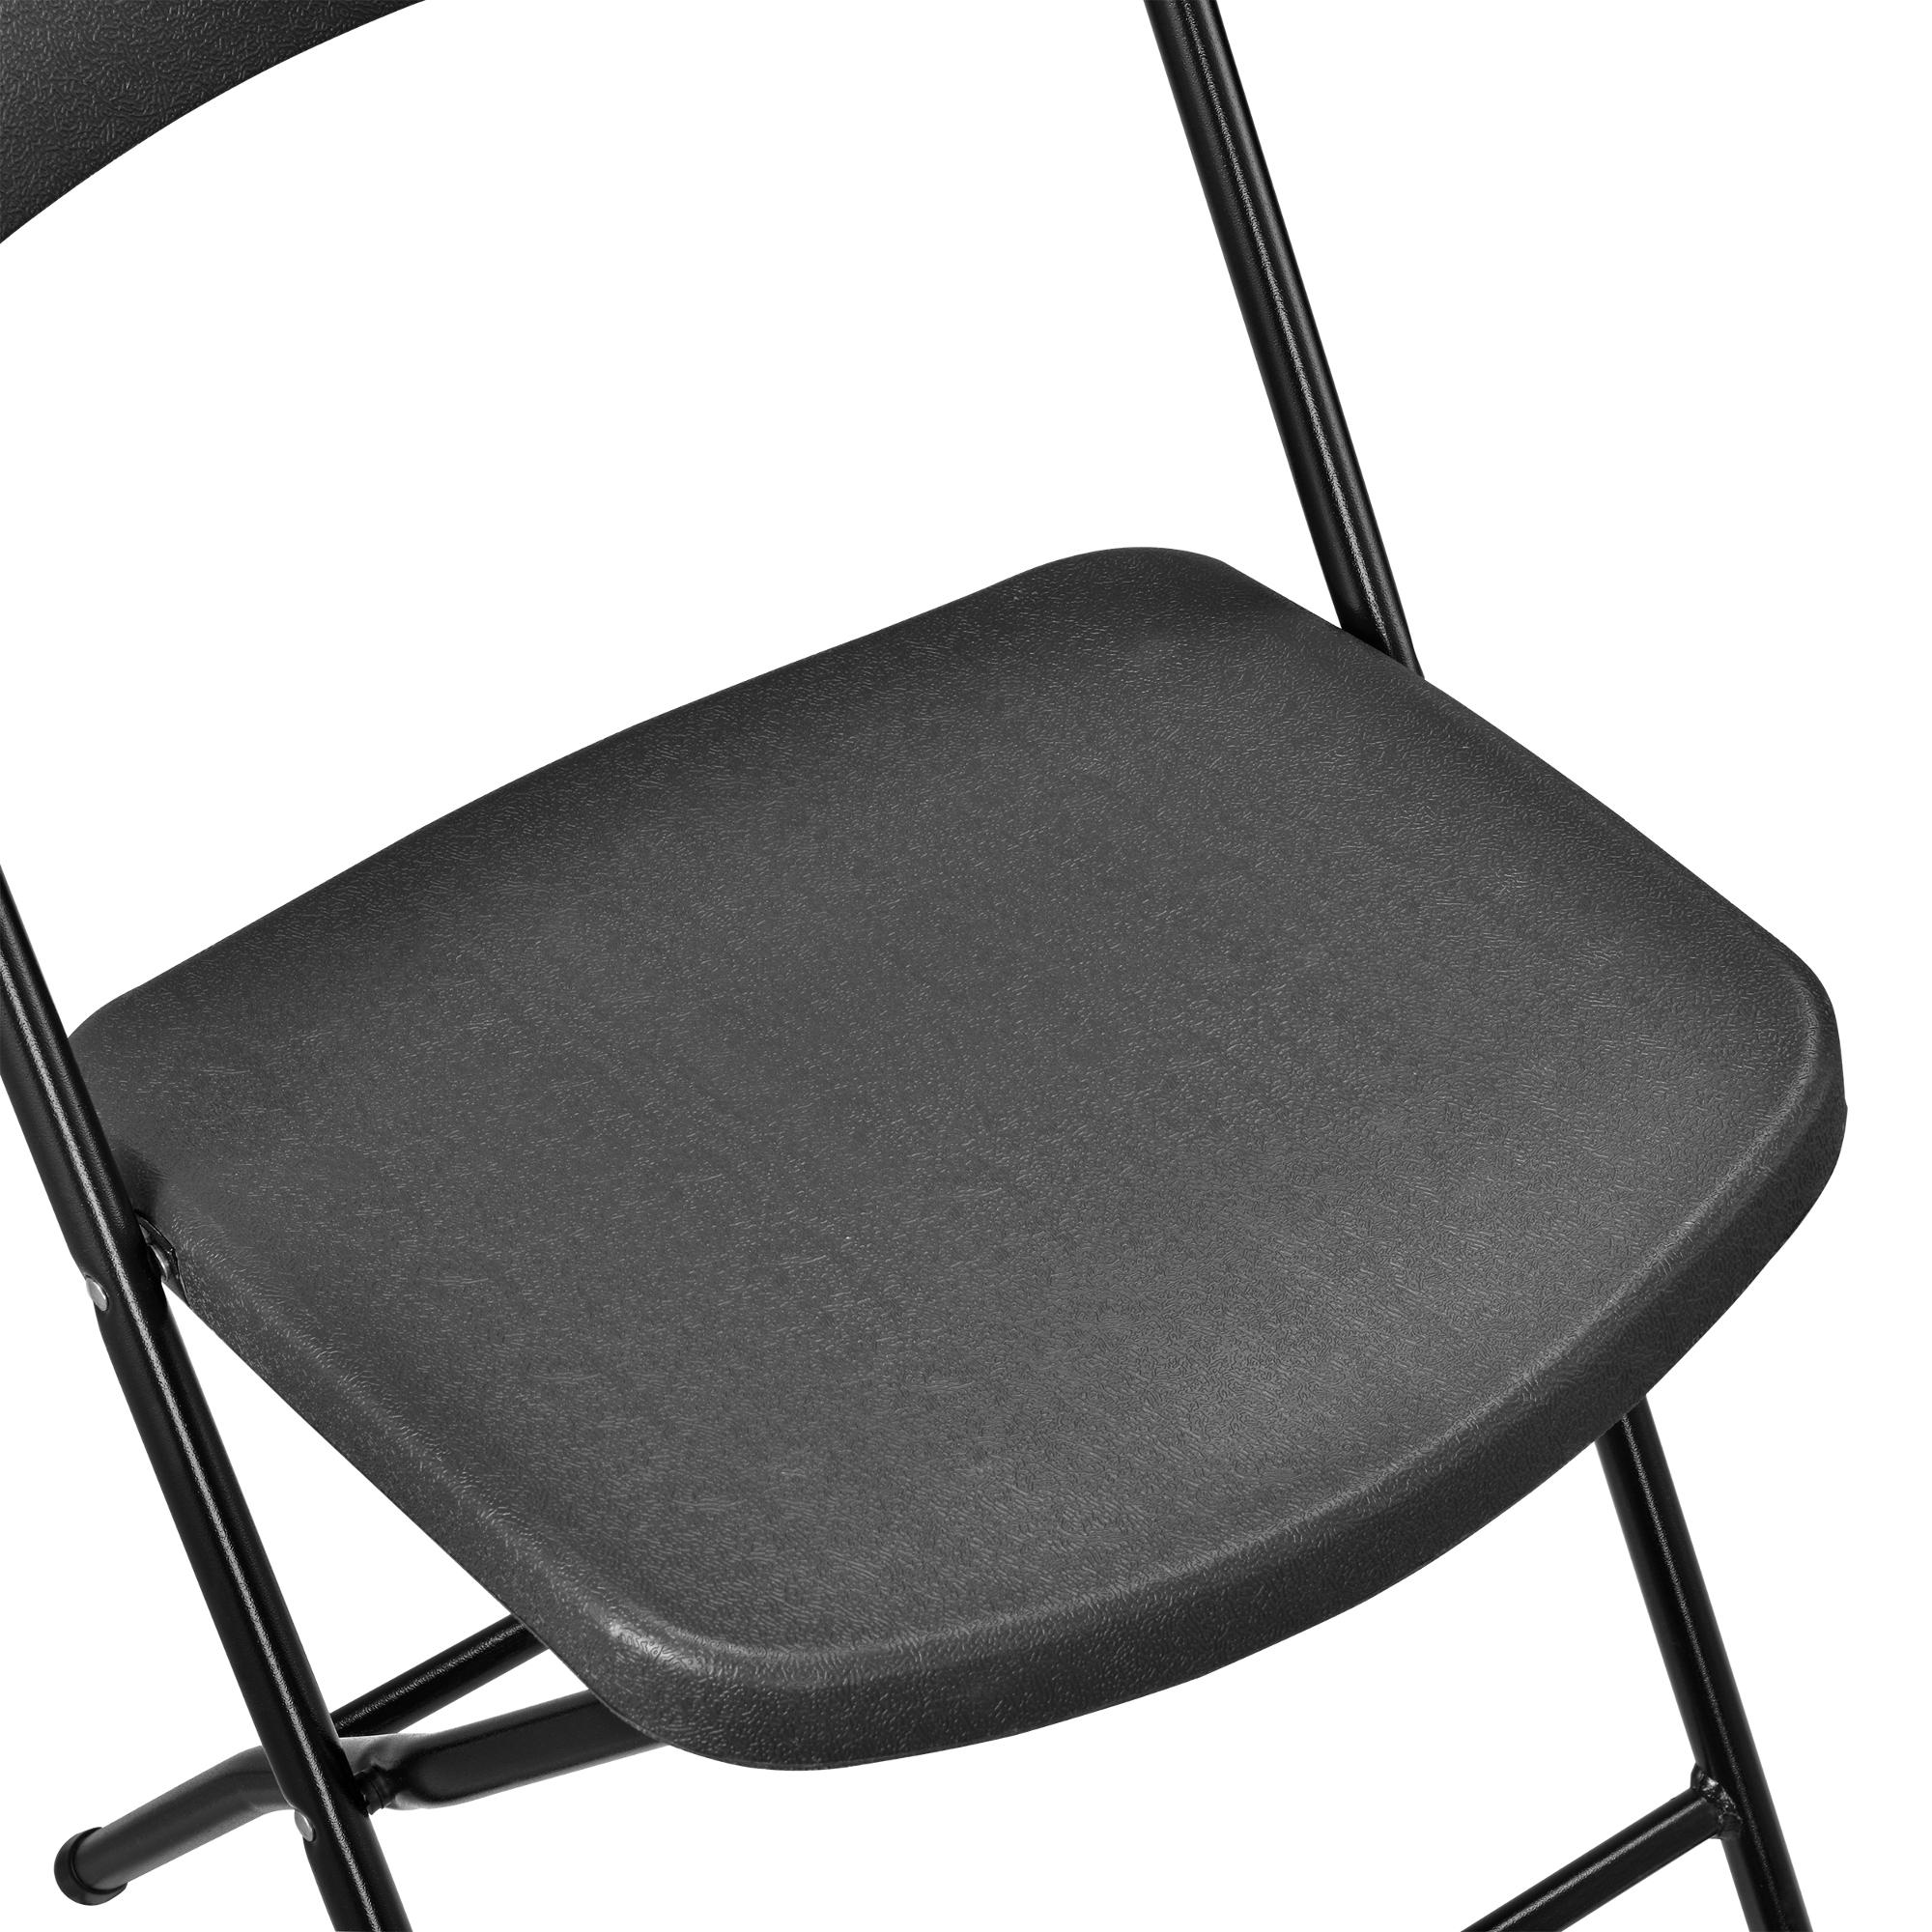 Détails Sur [Casa.pro] 2X Chaise Pliante Camping Gris Banquette Pliante  Jardin Chaise tout Chaise De Jardin Casa